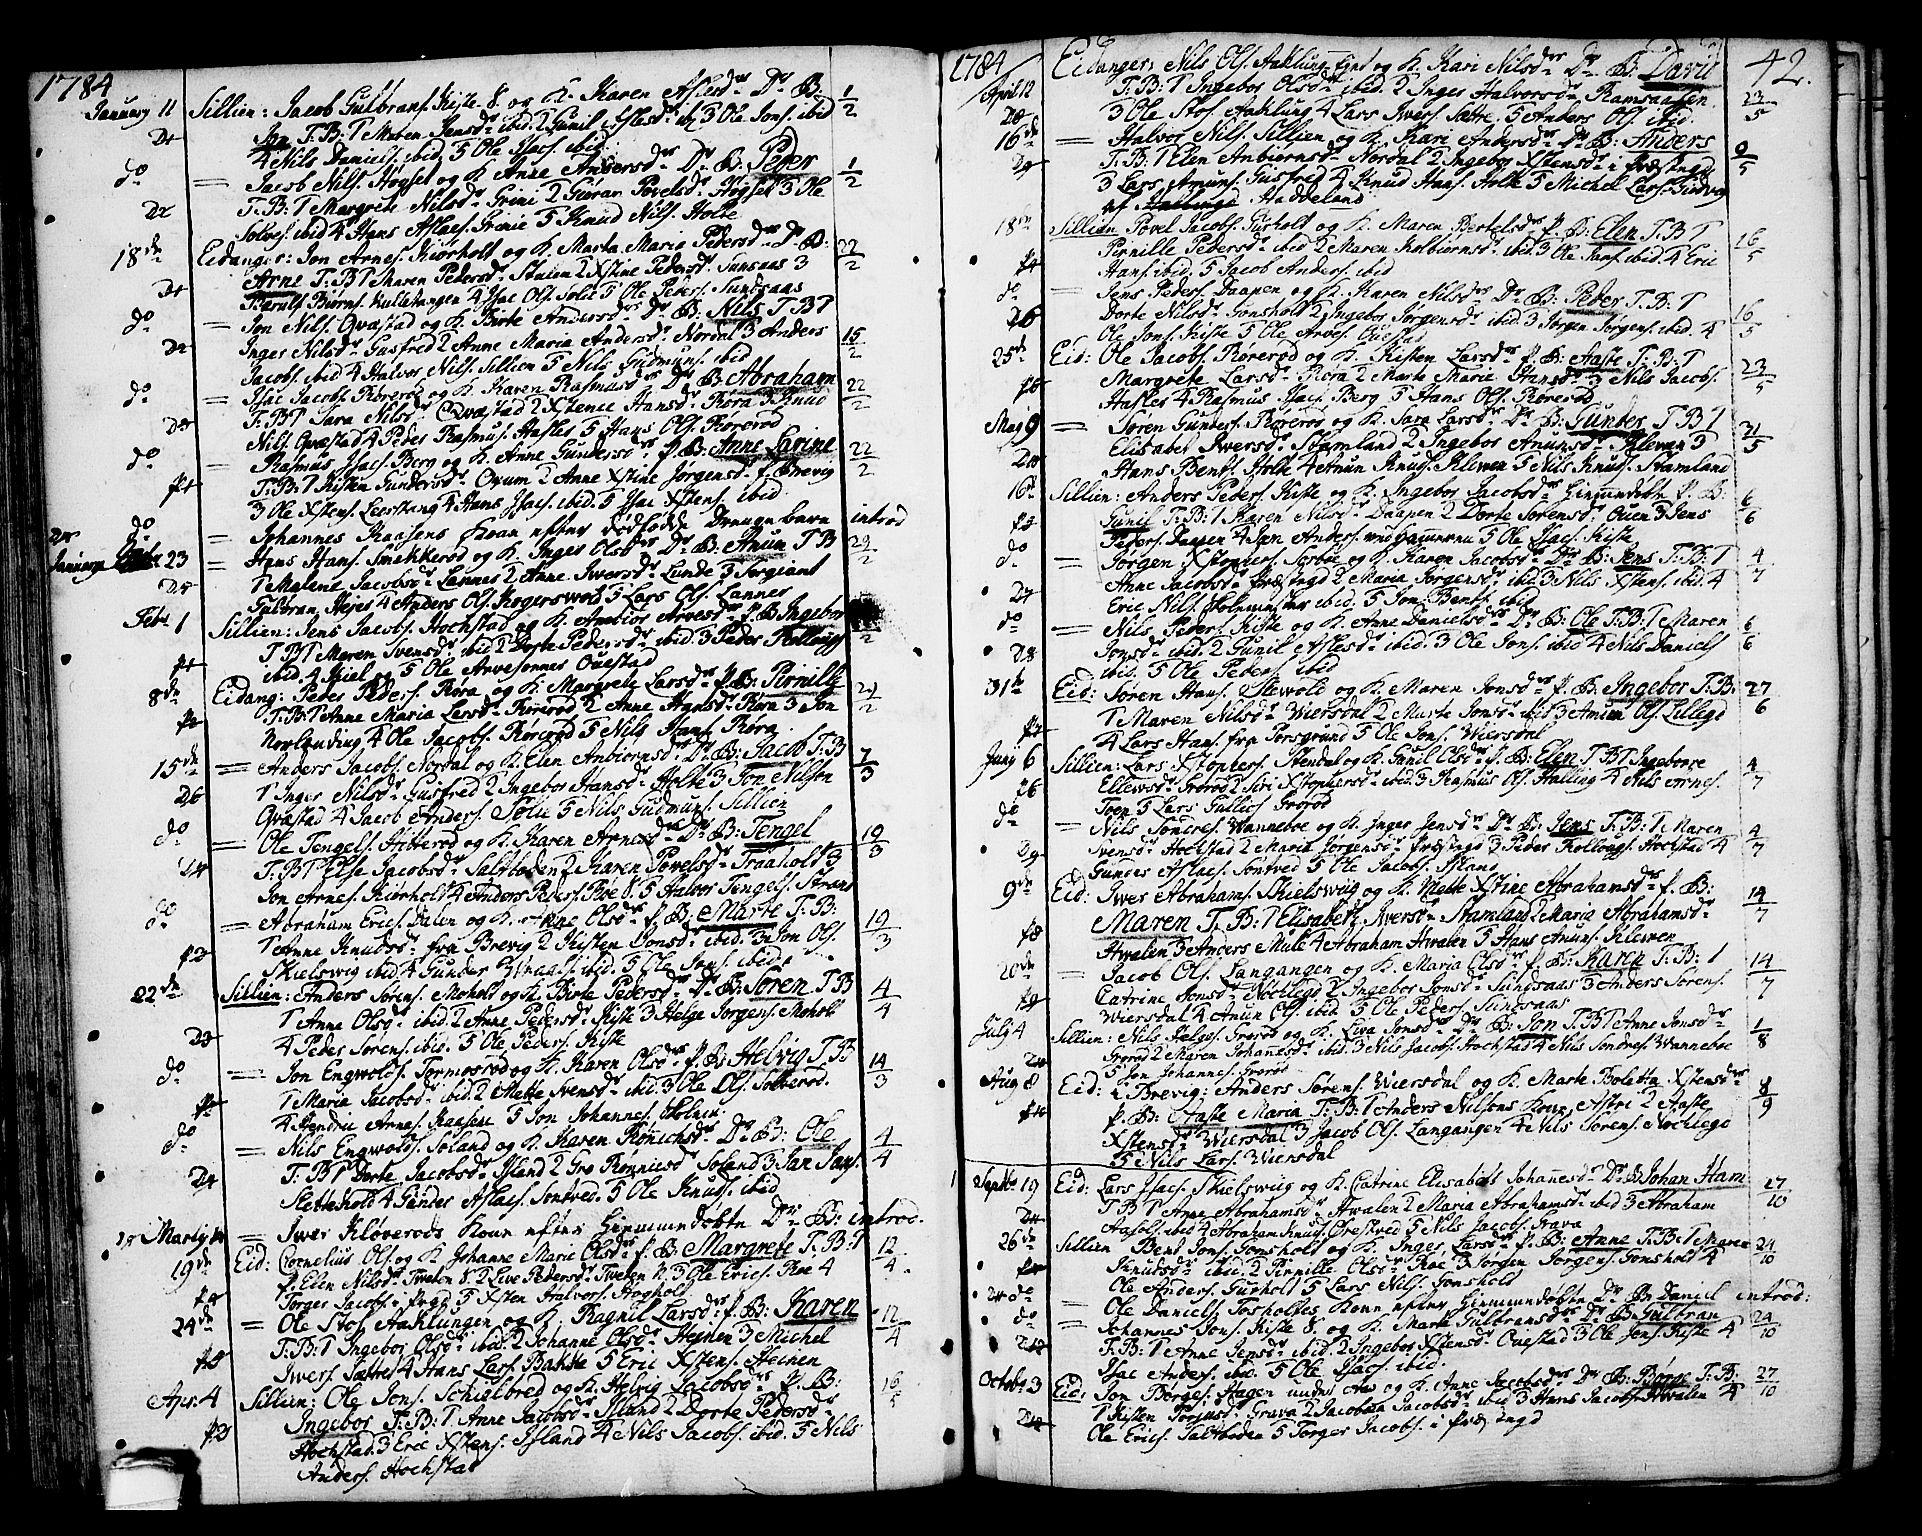 SAKO, Eidanger kirkebøker, F/Fa/L0006: Ministerialbok nr. 6, 1764-1814, s. 42